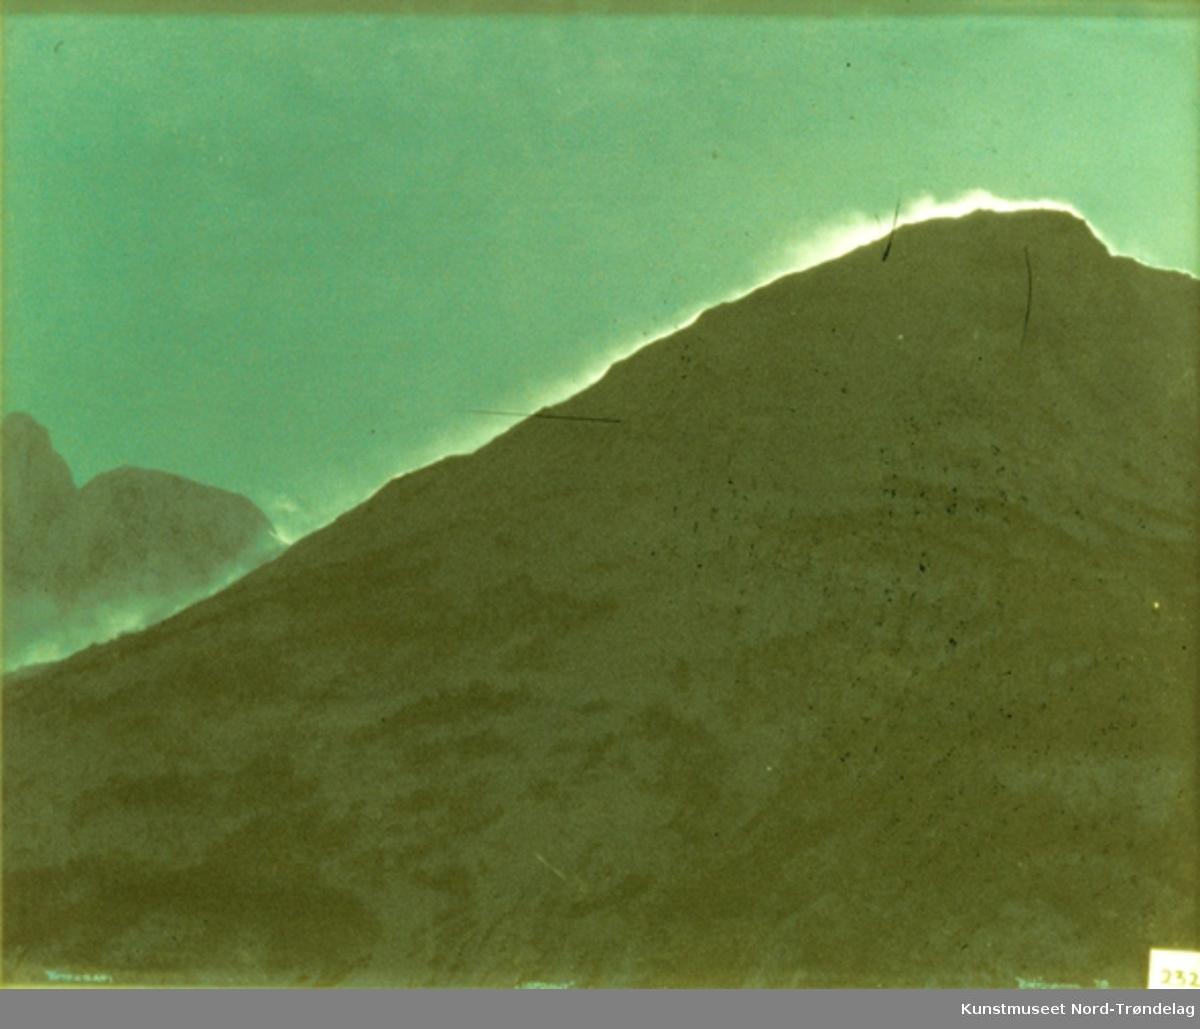 En fjellside med himmel bak. Skimter en isfront bak fjellet.